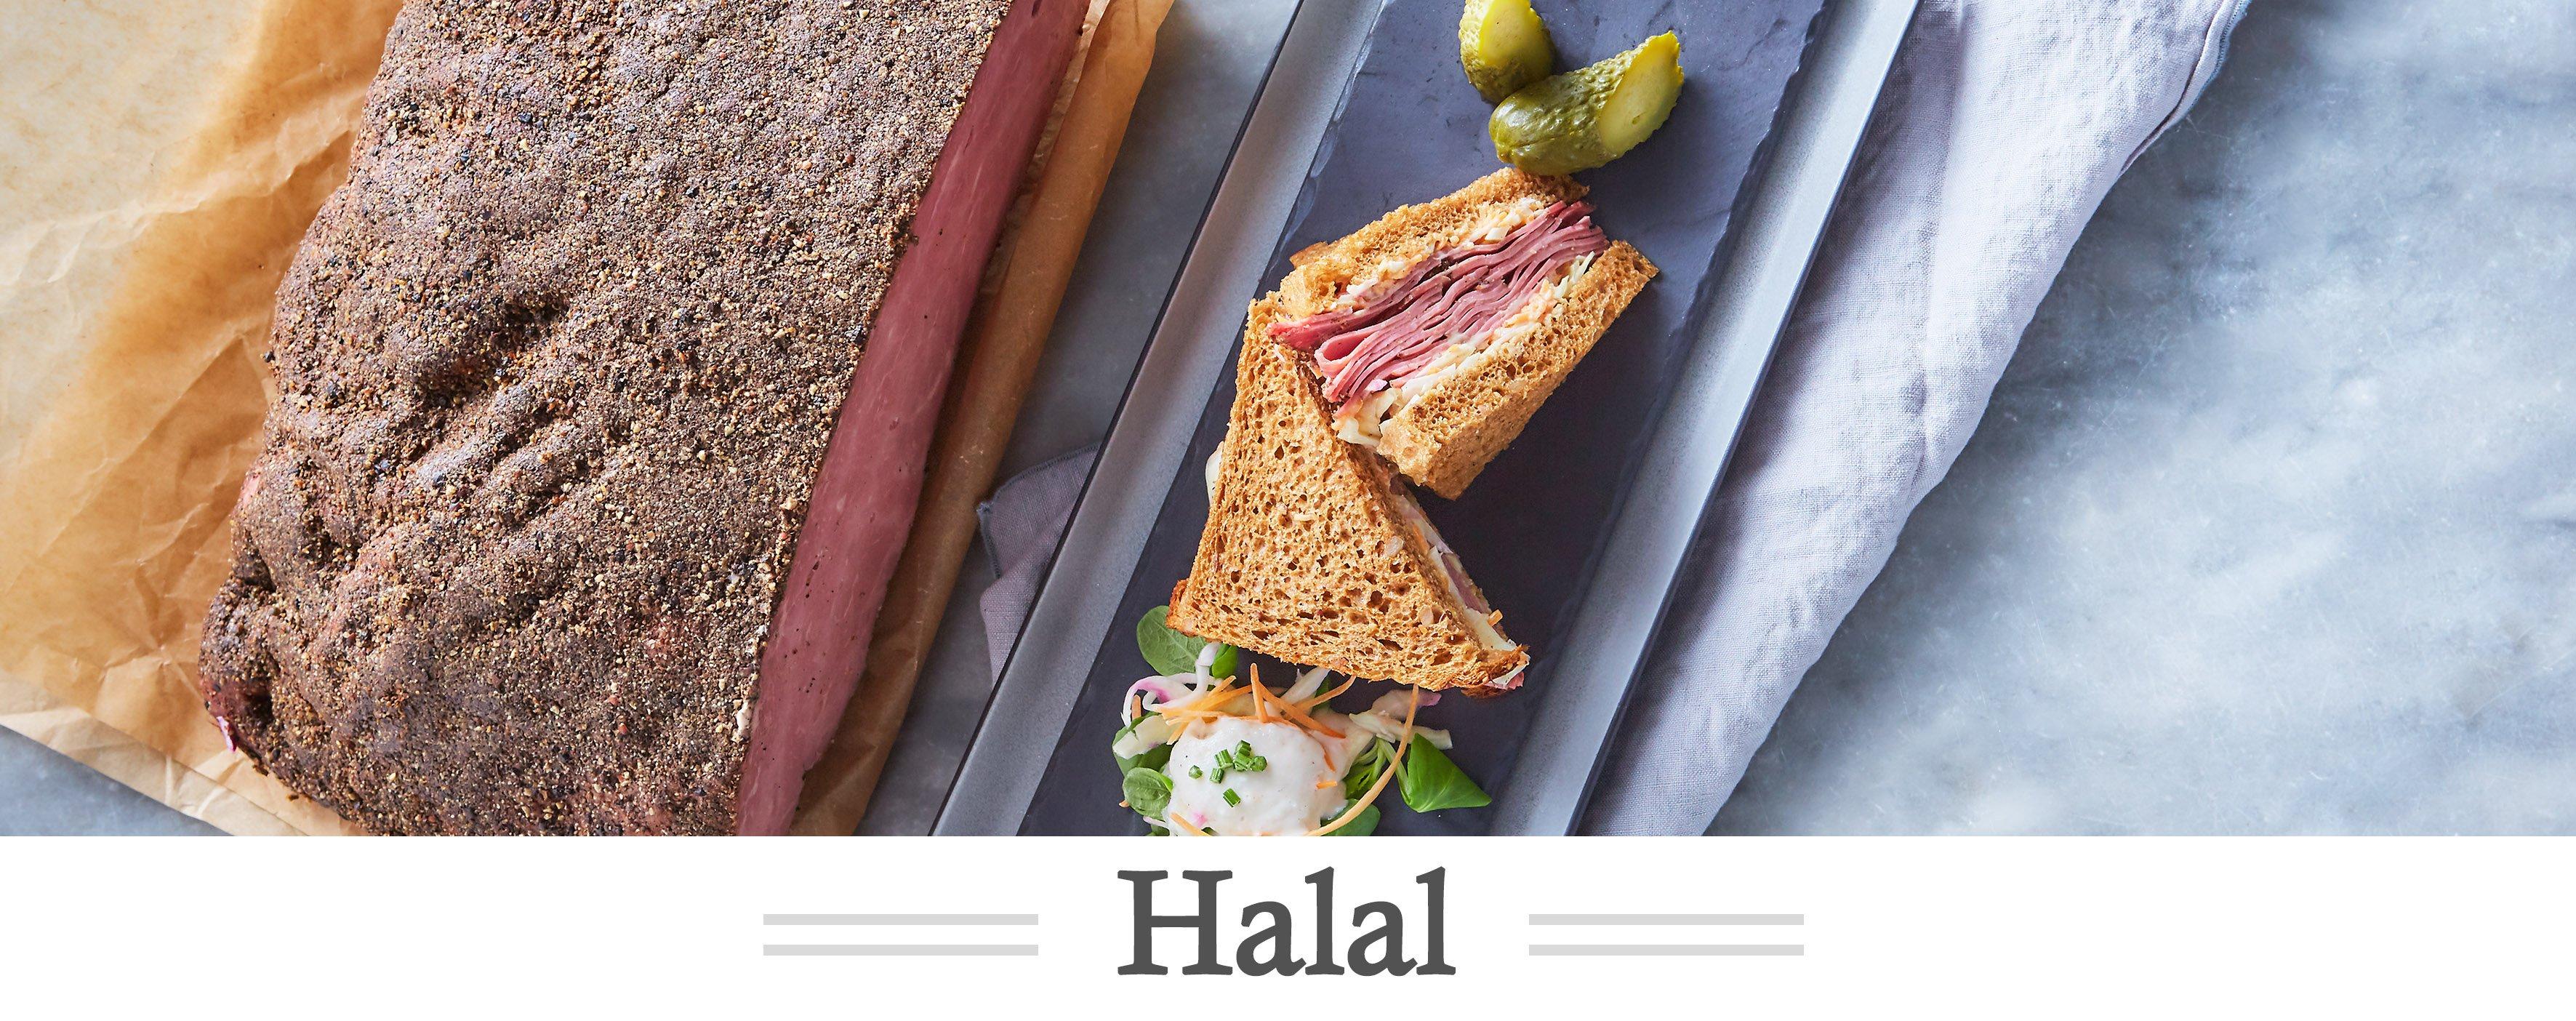 HALAL: Mangiare bene rispettando le regole